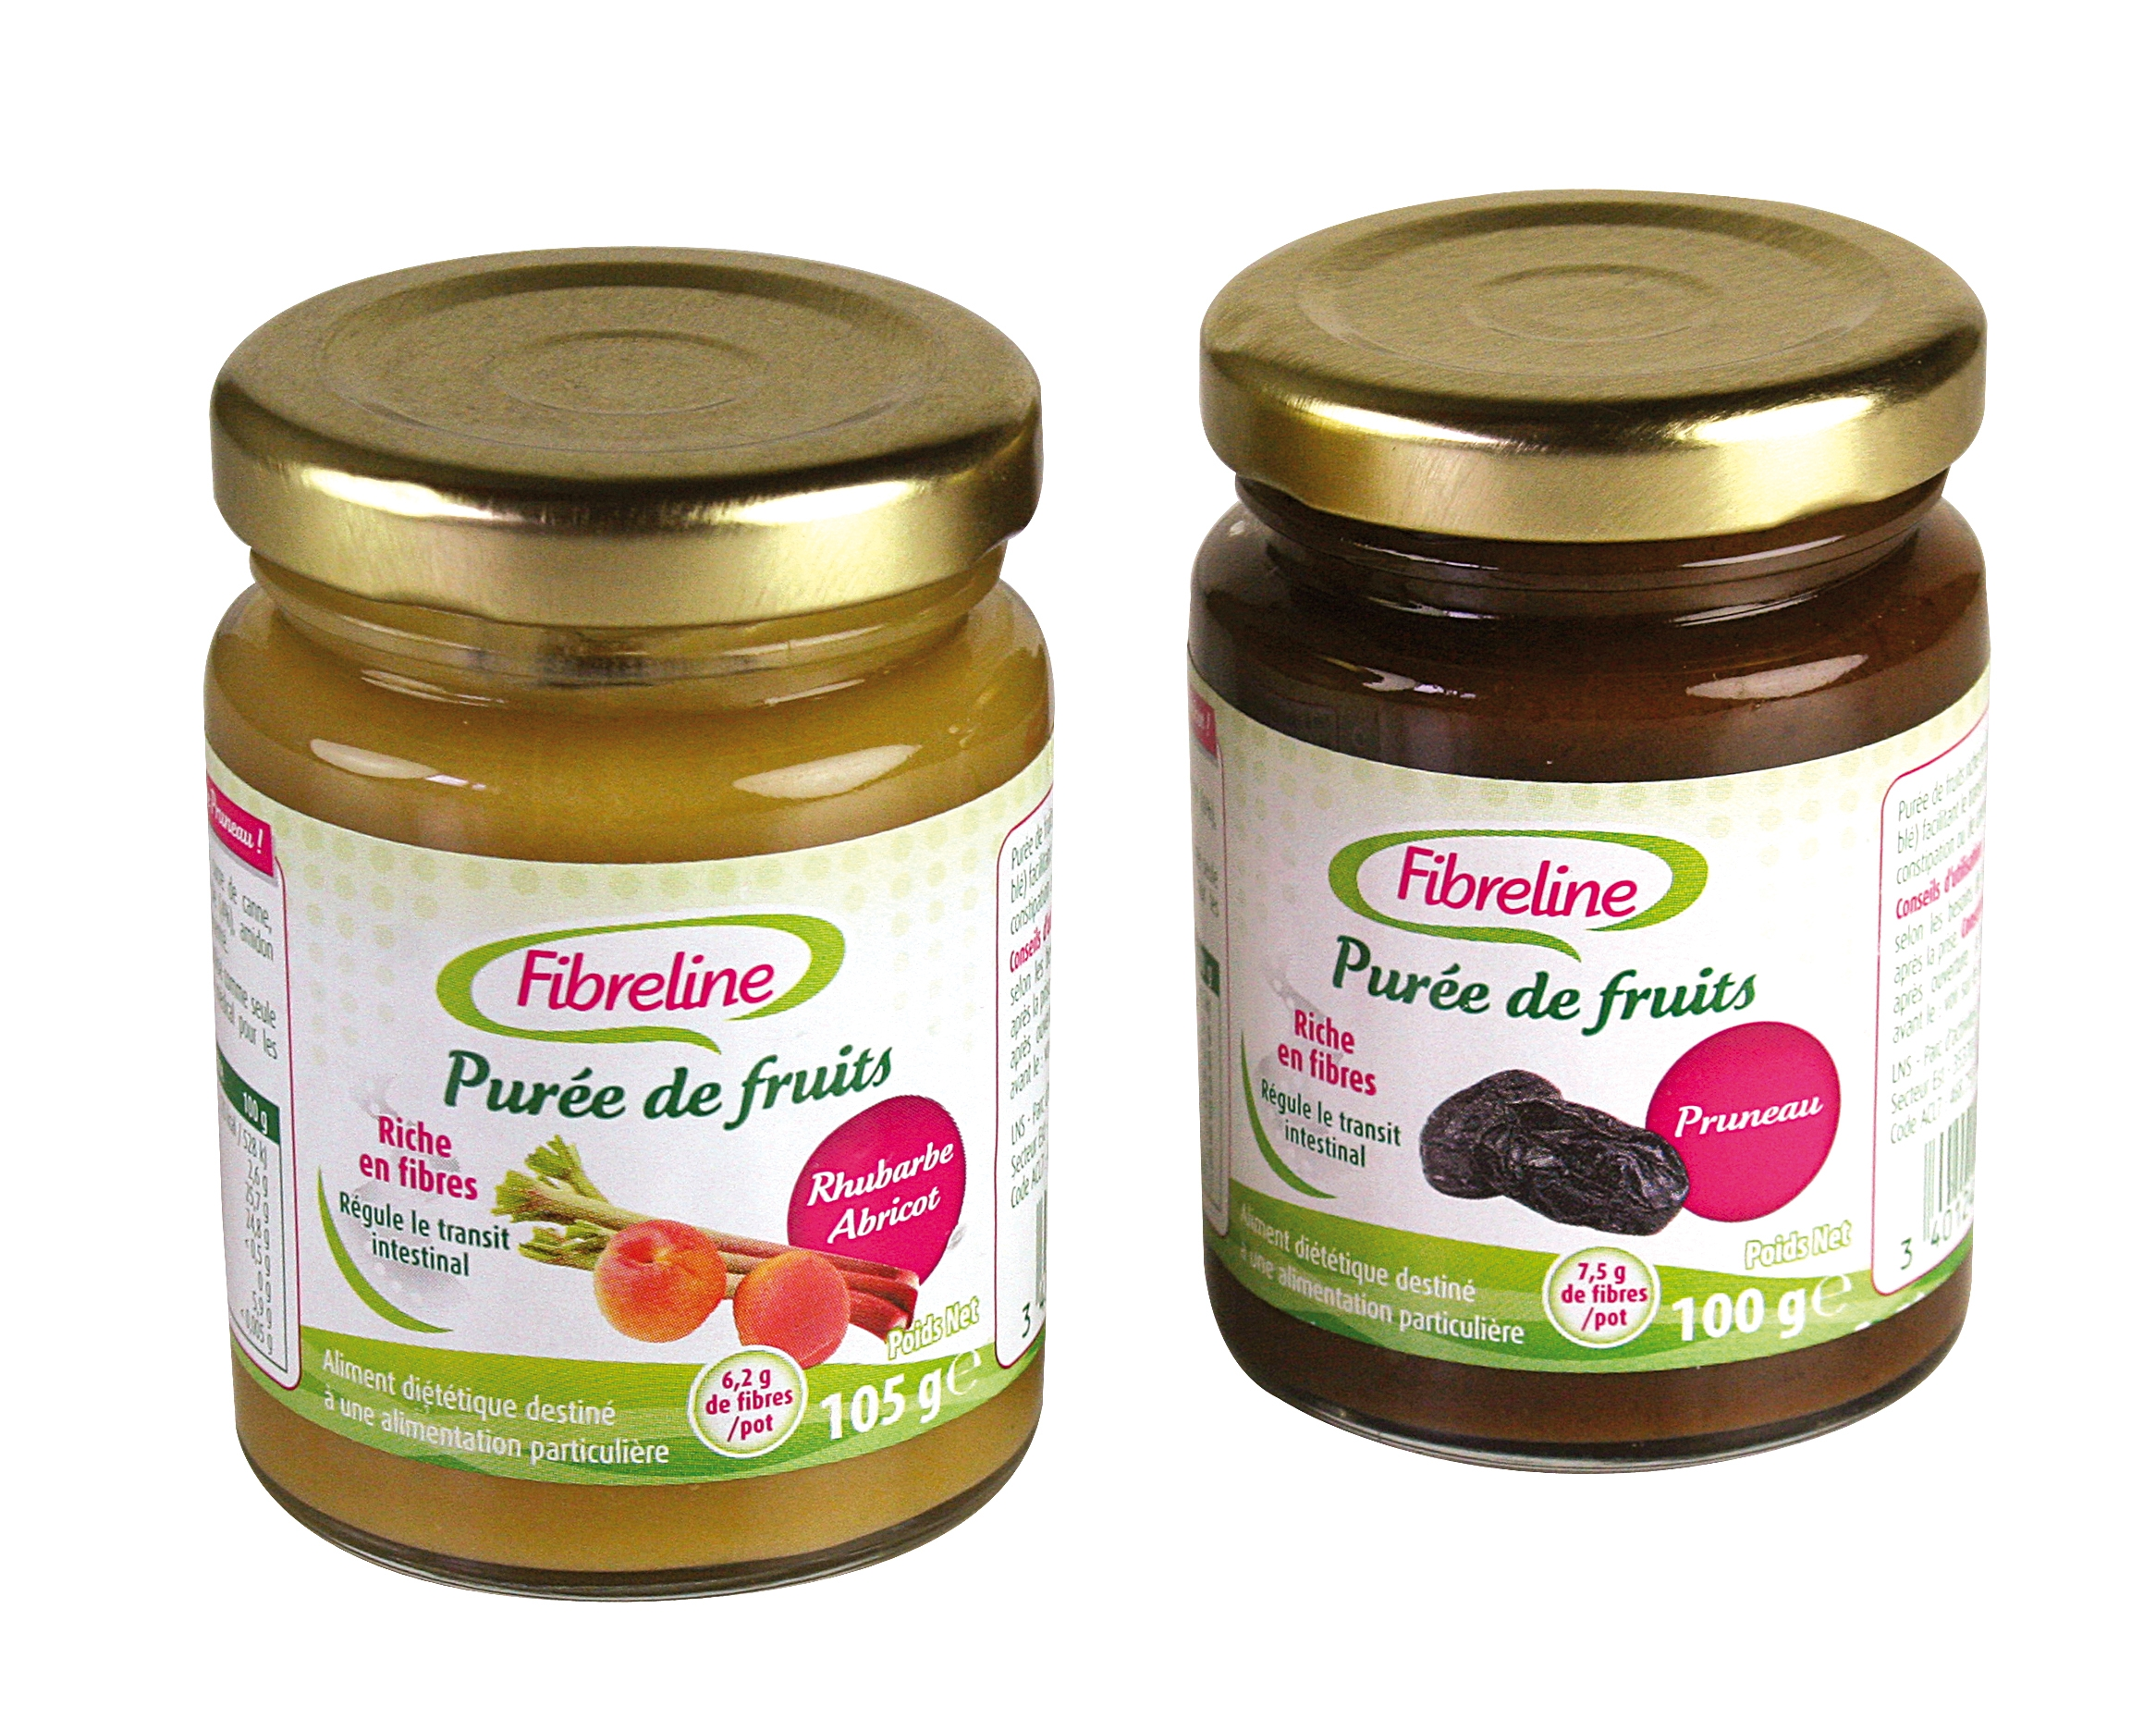 Image FIBRELINE Purée de fruits pruneau Pot/100g